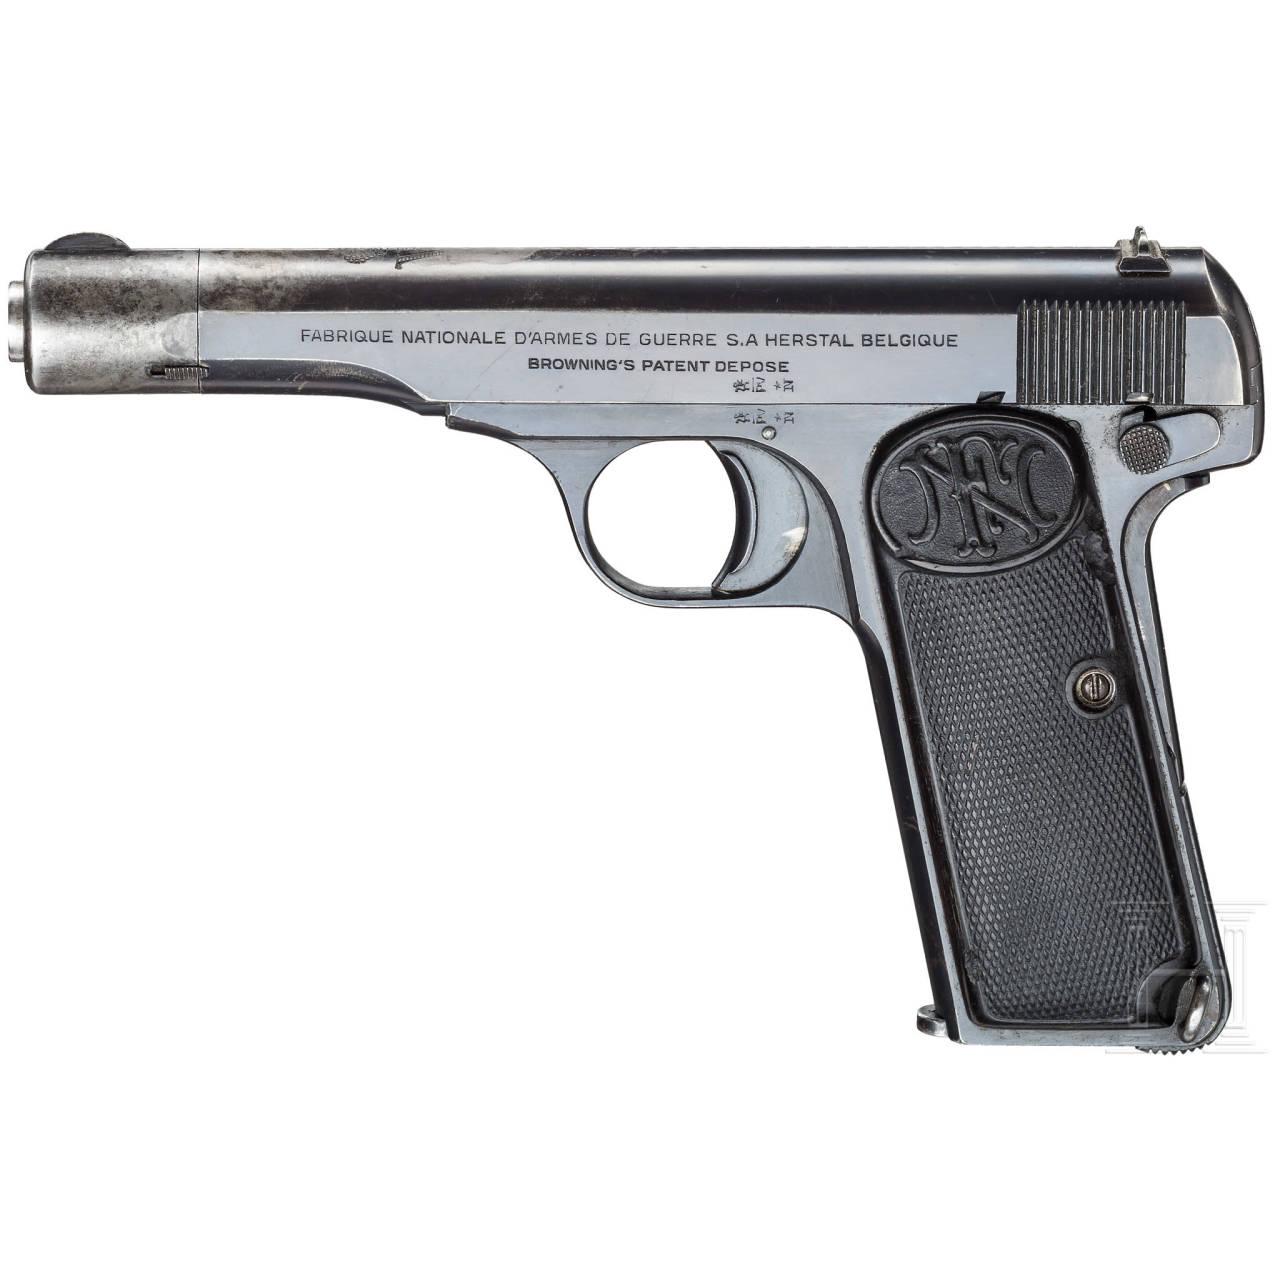 Niederlande - FN Mod. 10/22